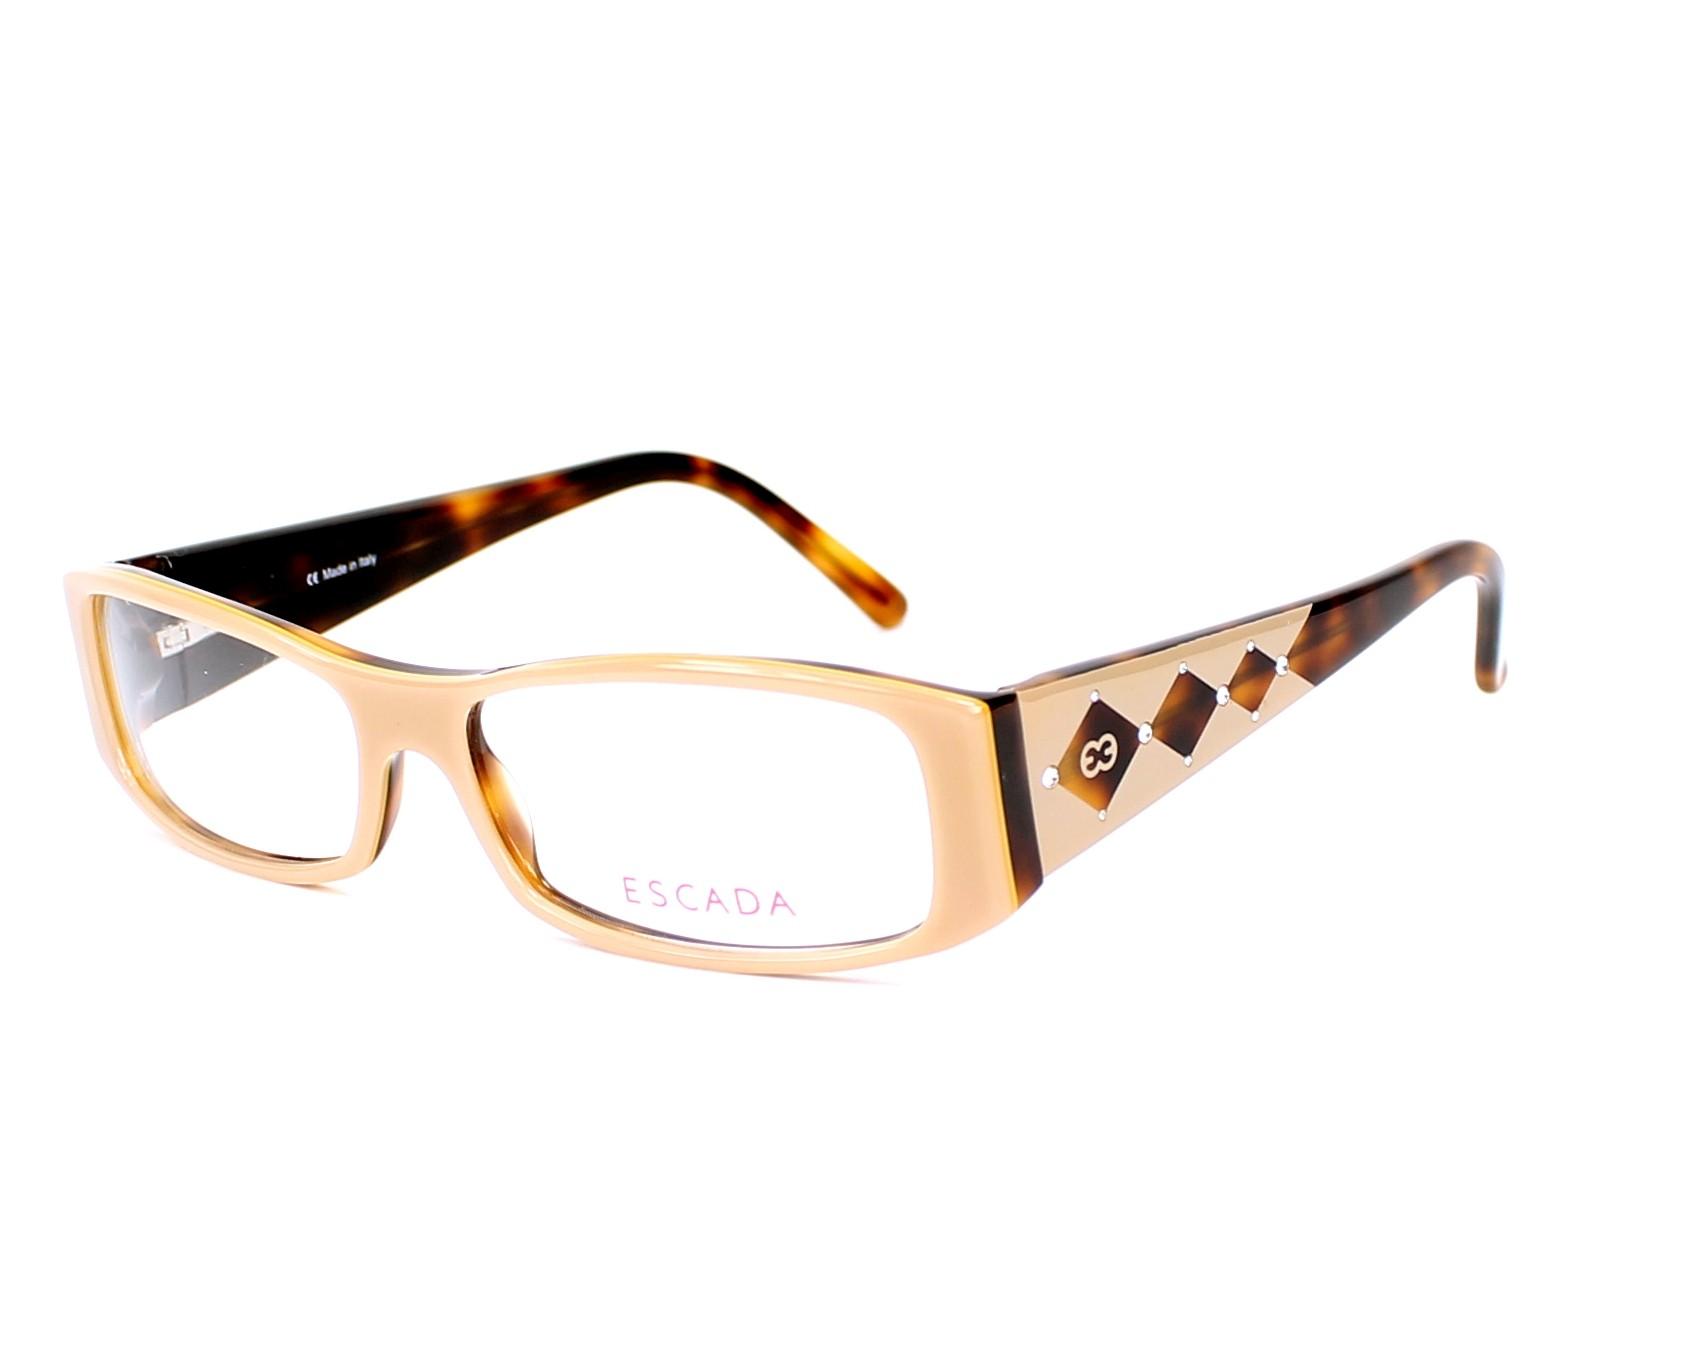 Order your Escada eyeglasses VES095S L505 42 today